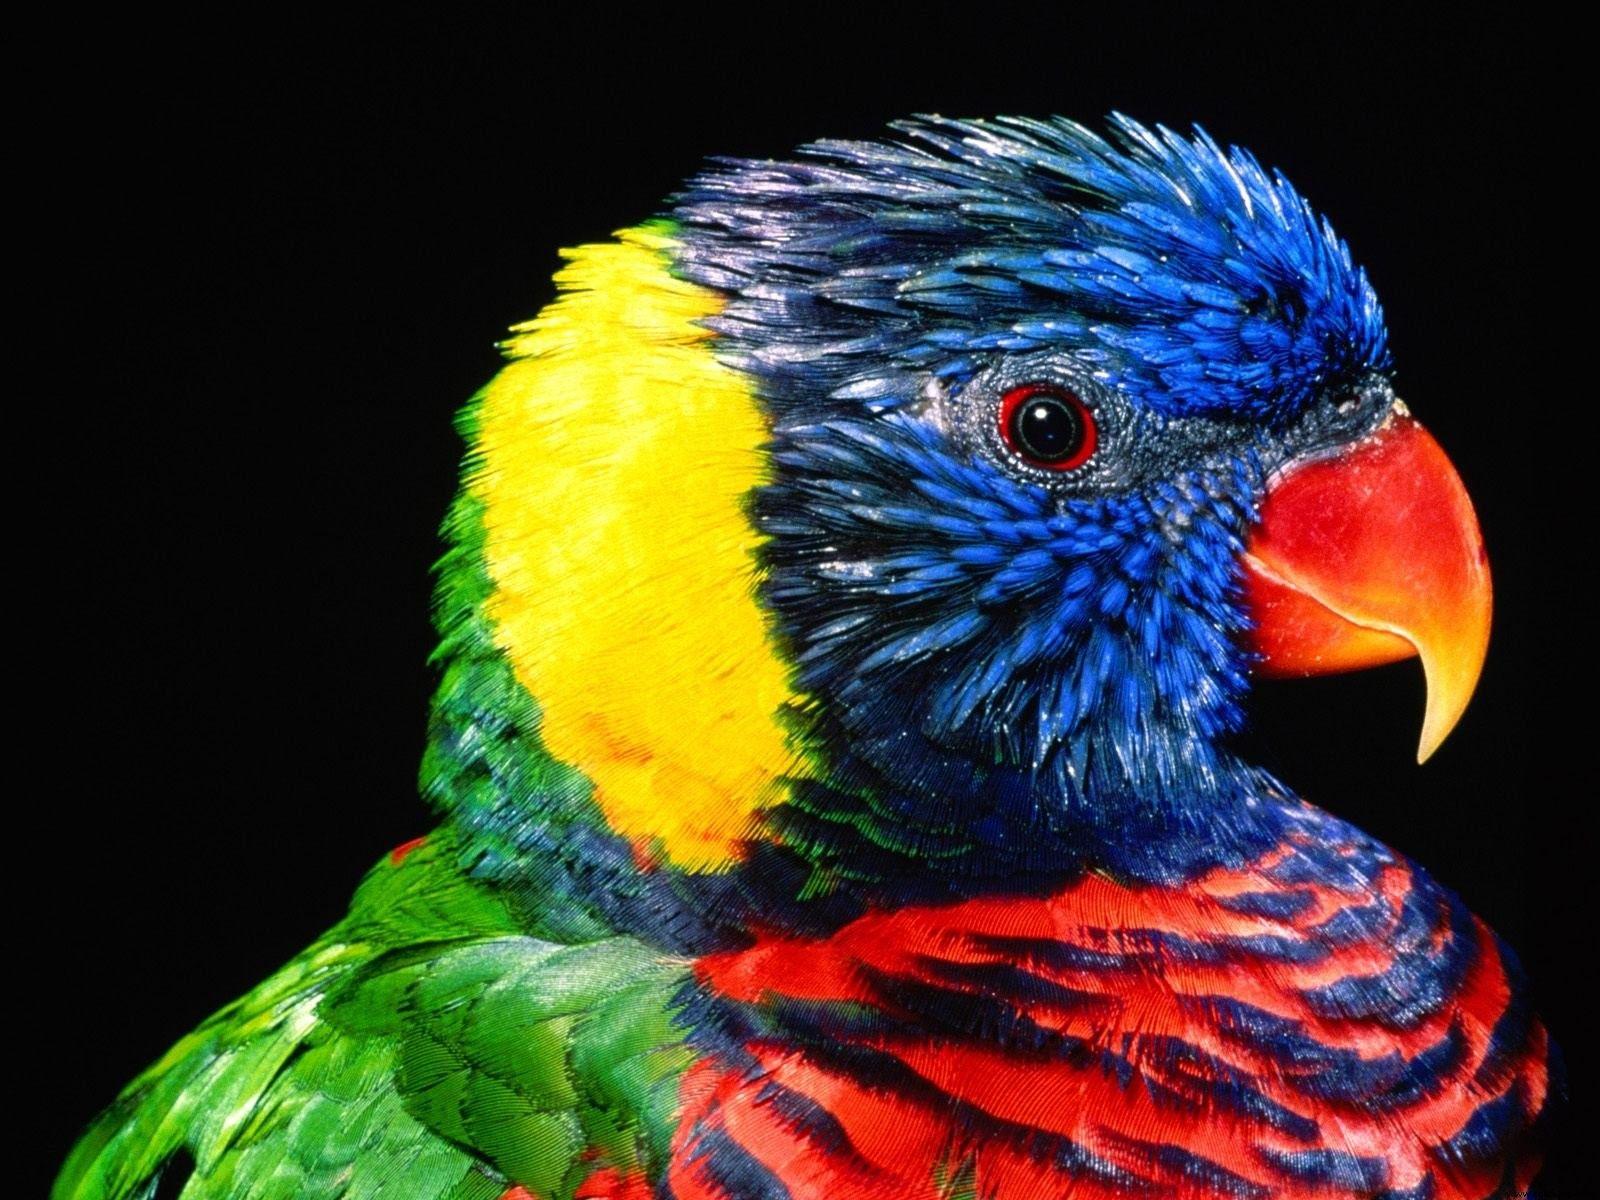 35 Lovely Colorful Parrots Gallery Inspiration Bunte Papageien Exotische Vogel Hintergrund Vogel